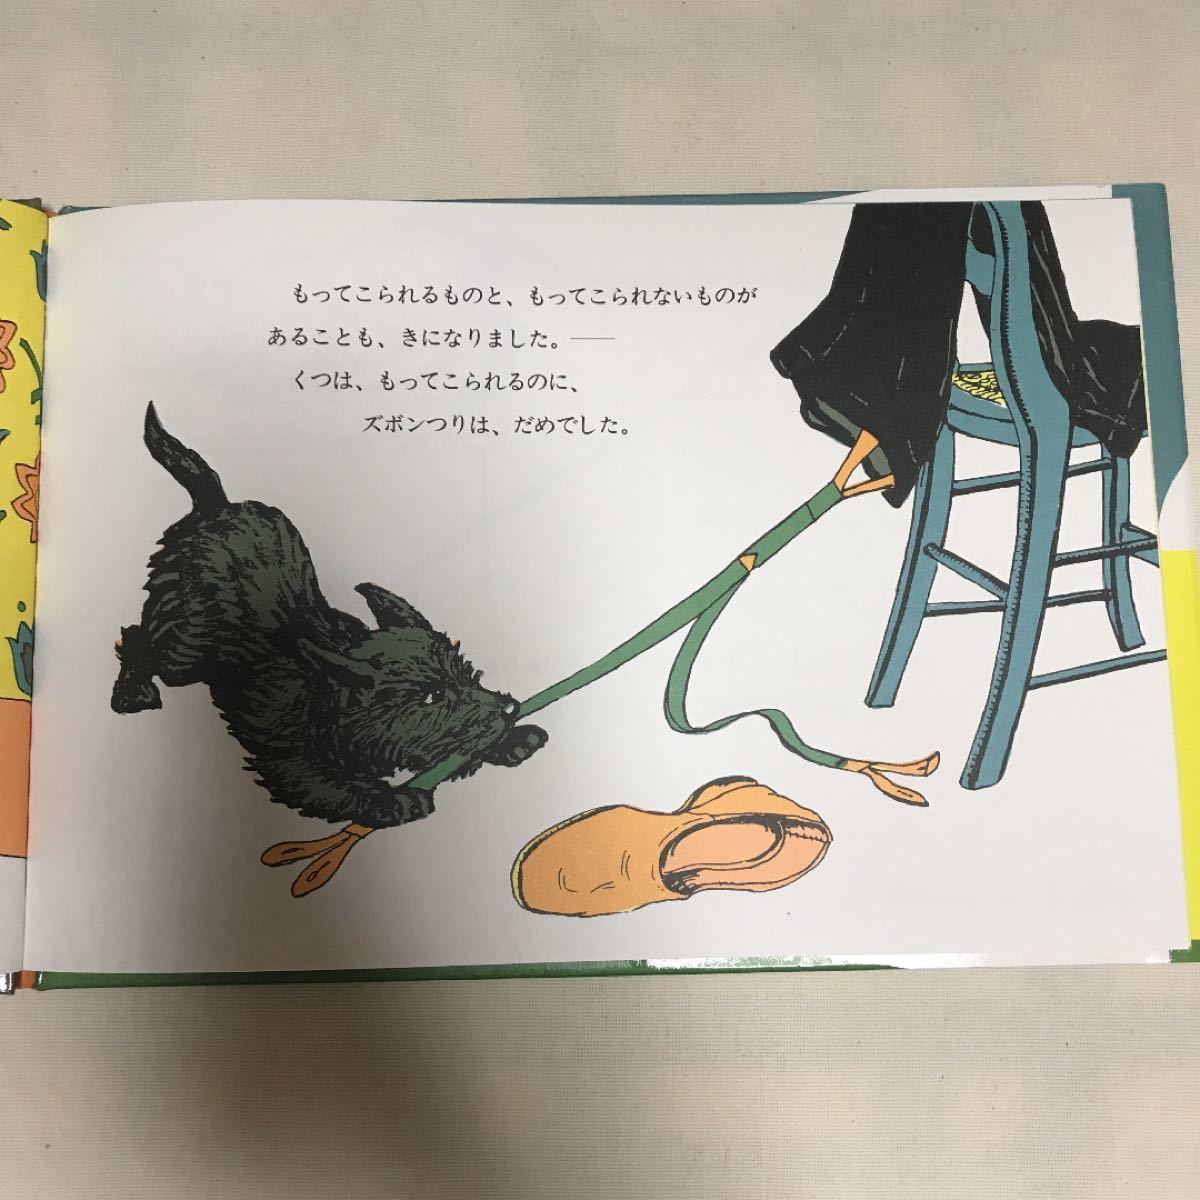 絵本 幼児本 小学校低学年 学校図書 読書感想文 アンガスとあひる